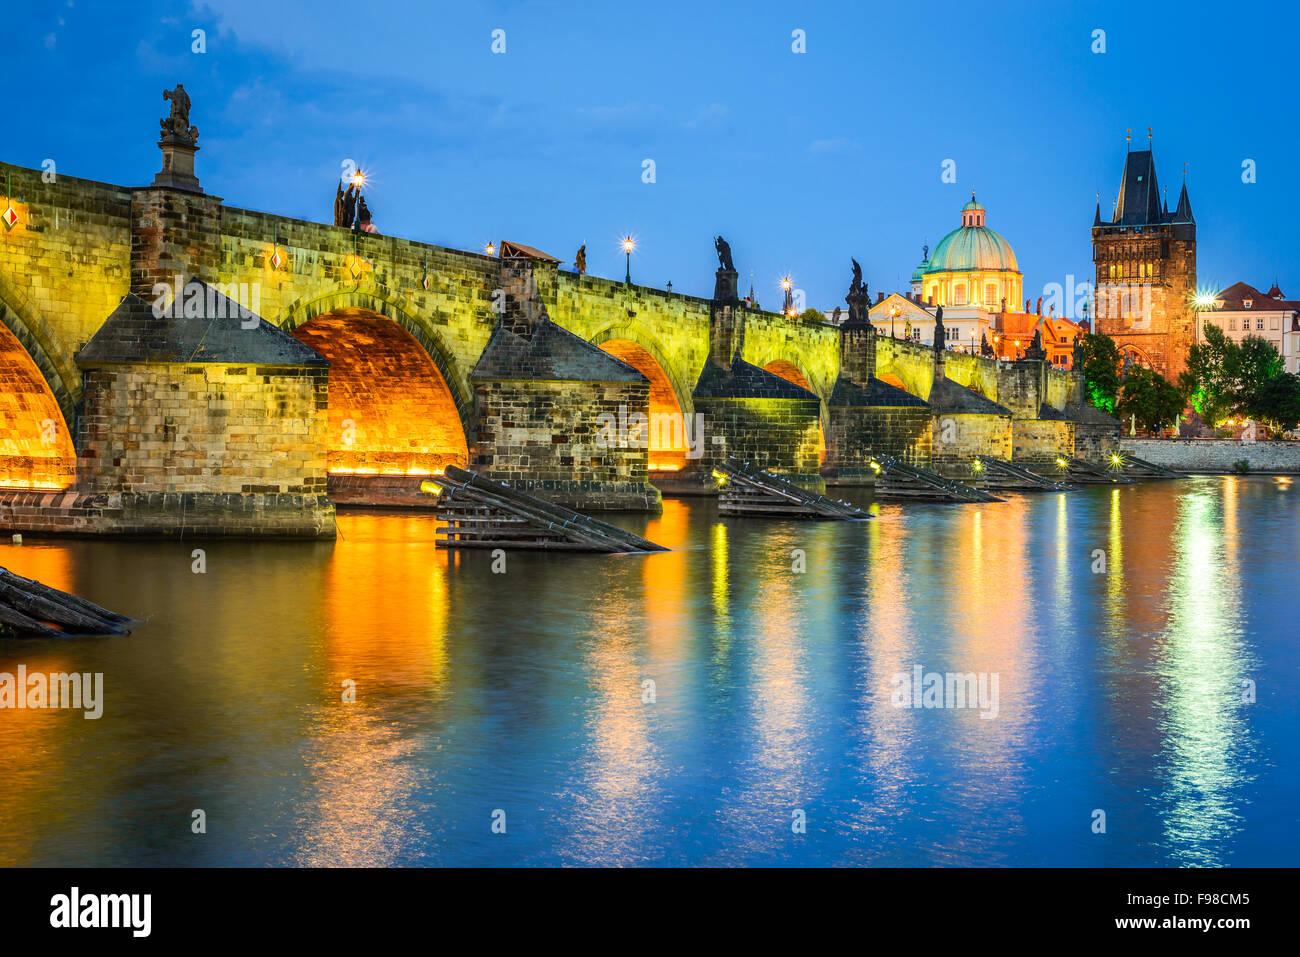 Praga, República Checa. Puente de Carlos y Malá Strana torres, con el castillo de Praga (Hrad) en el fondo Imagen De Stock